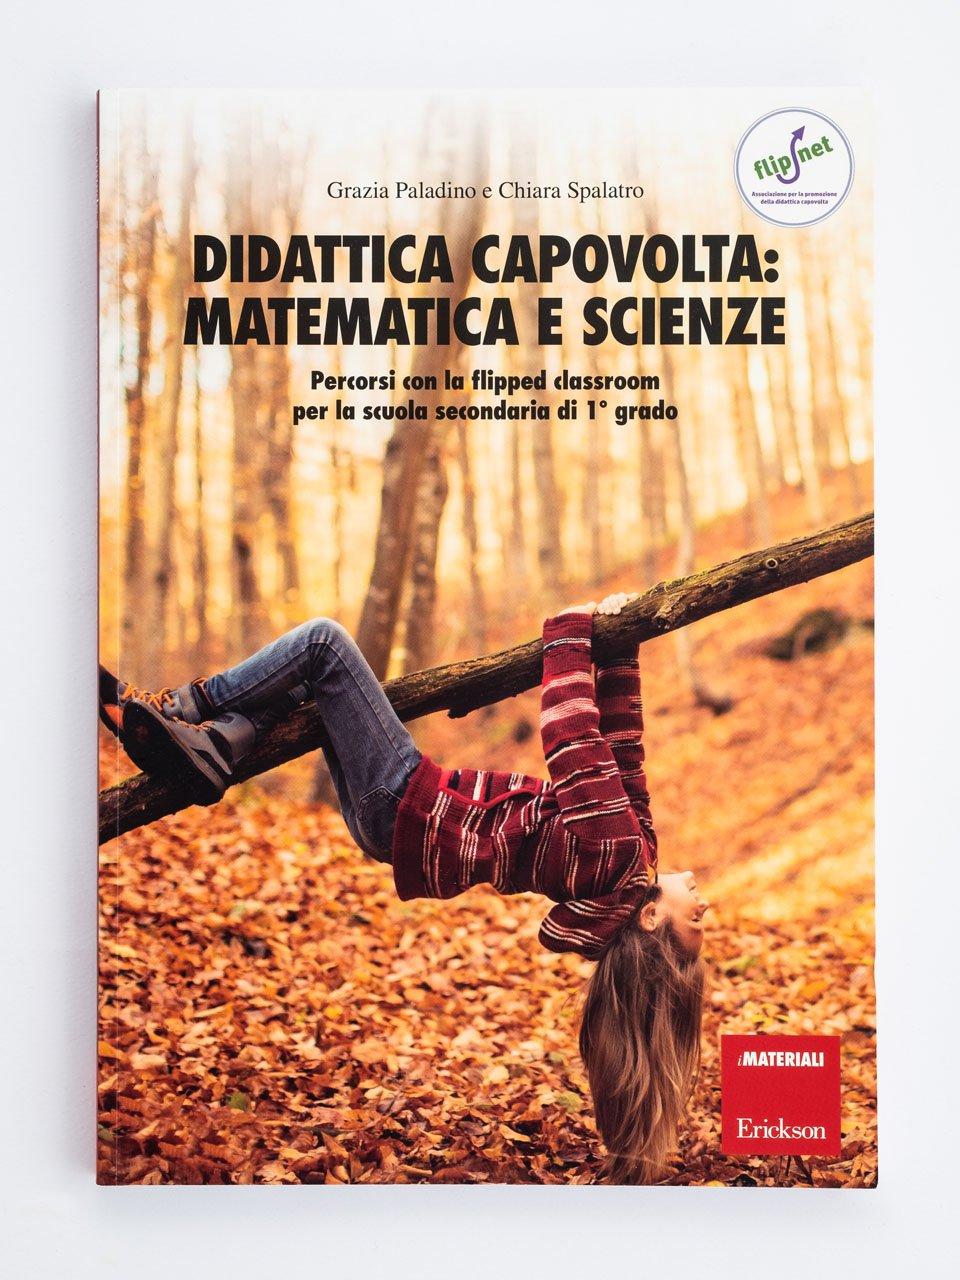 Didattica capovolta: Matematica e scienze - 99 idee per fare esercizi in classe - Libri - Erickson